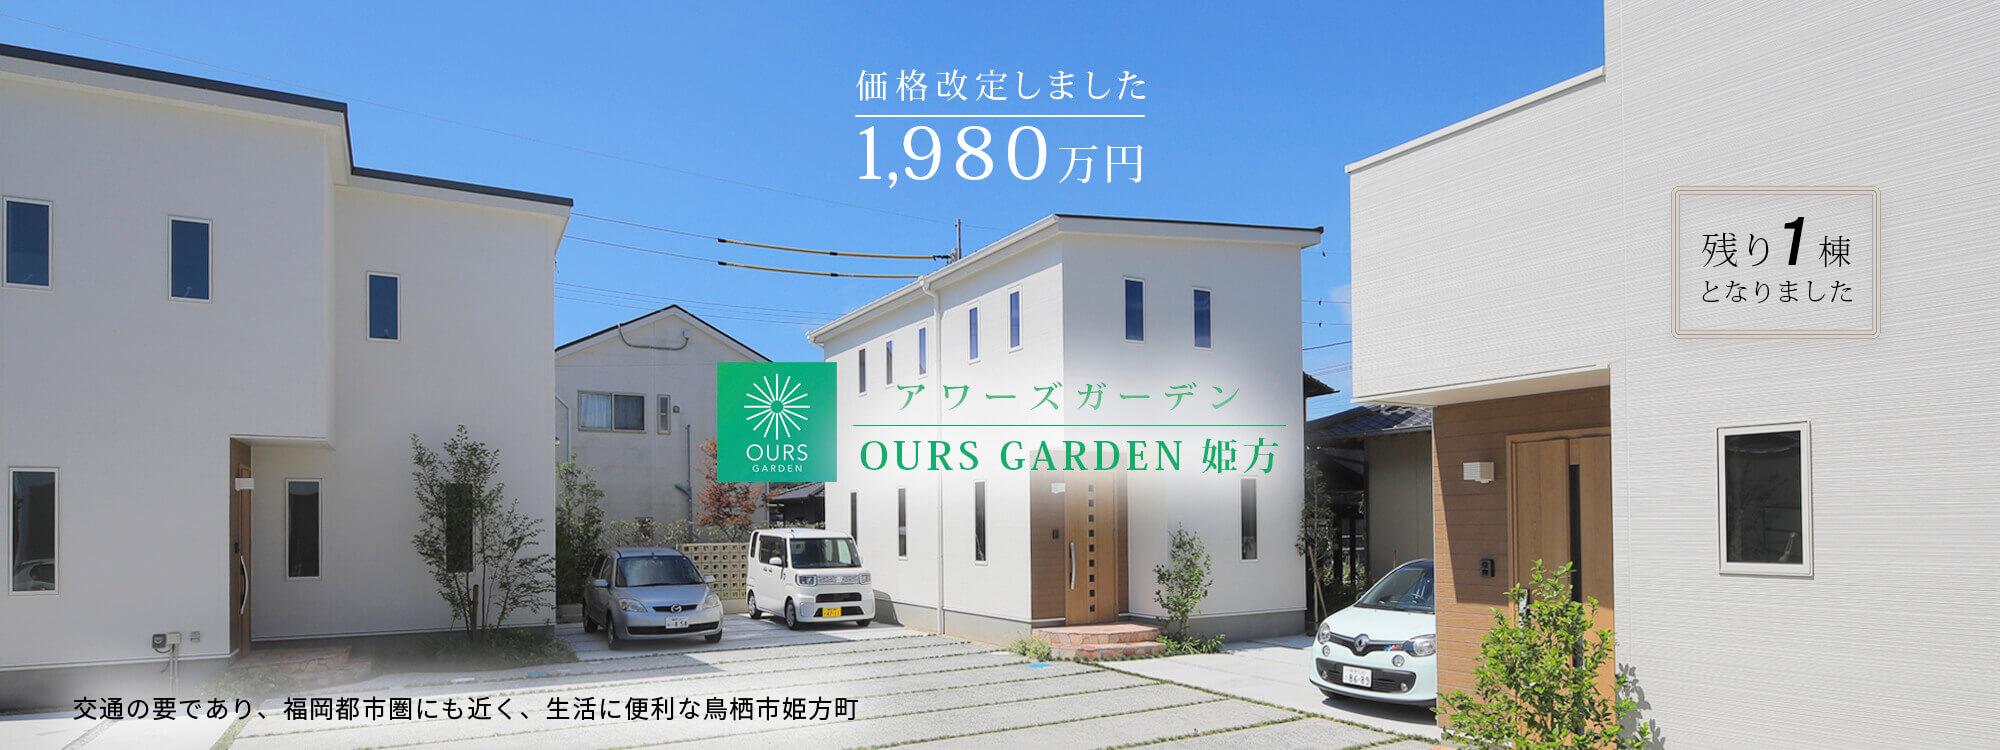 佐賀県鳥栖市ランドスケープ分譲住宅「OURS GARDEN 姫方」